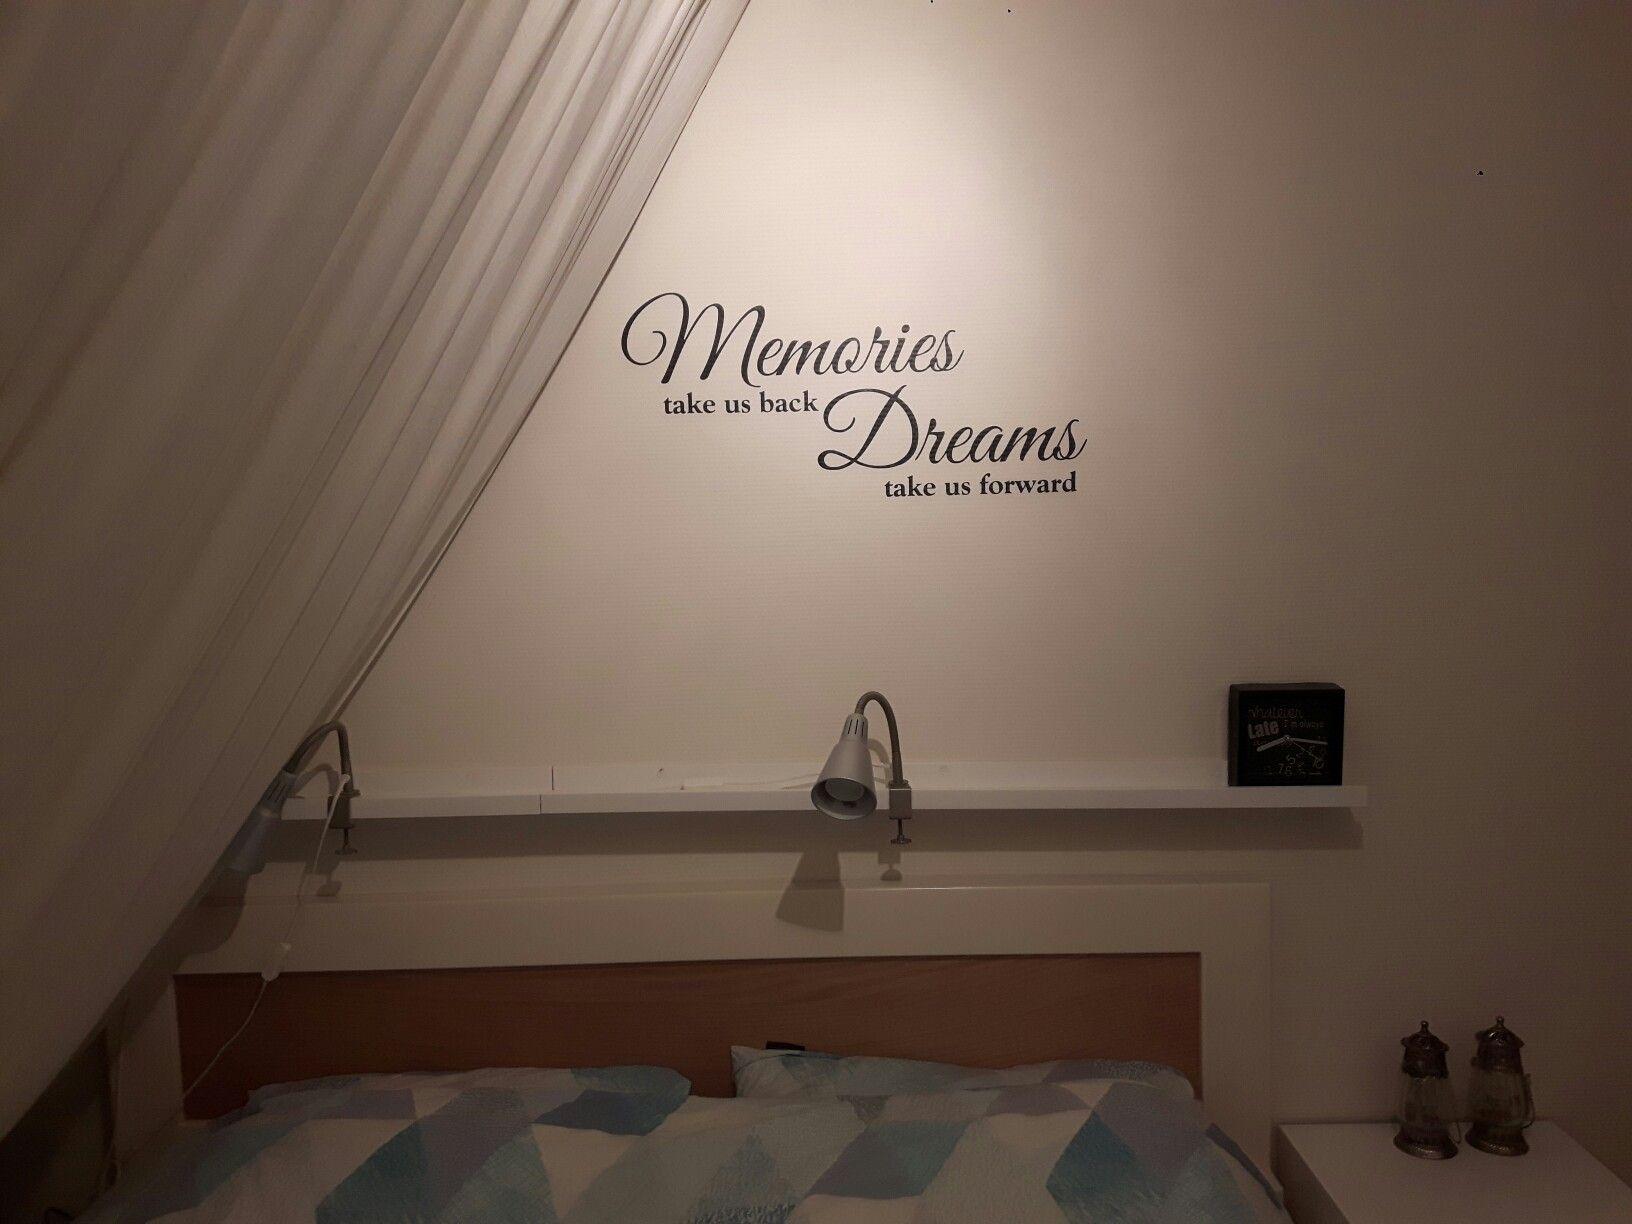 Tekst op muur